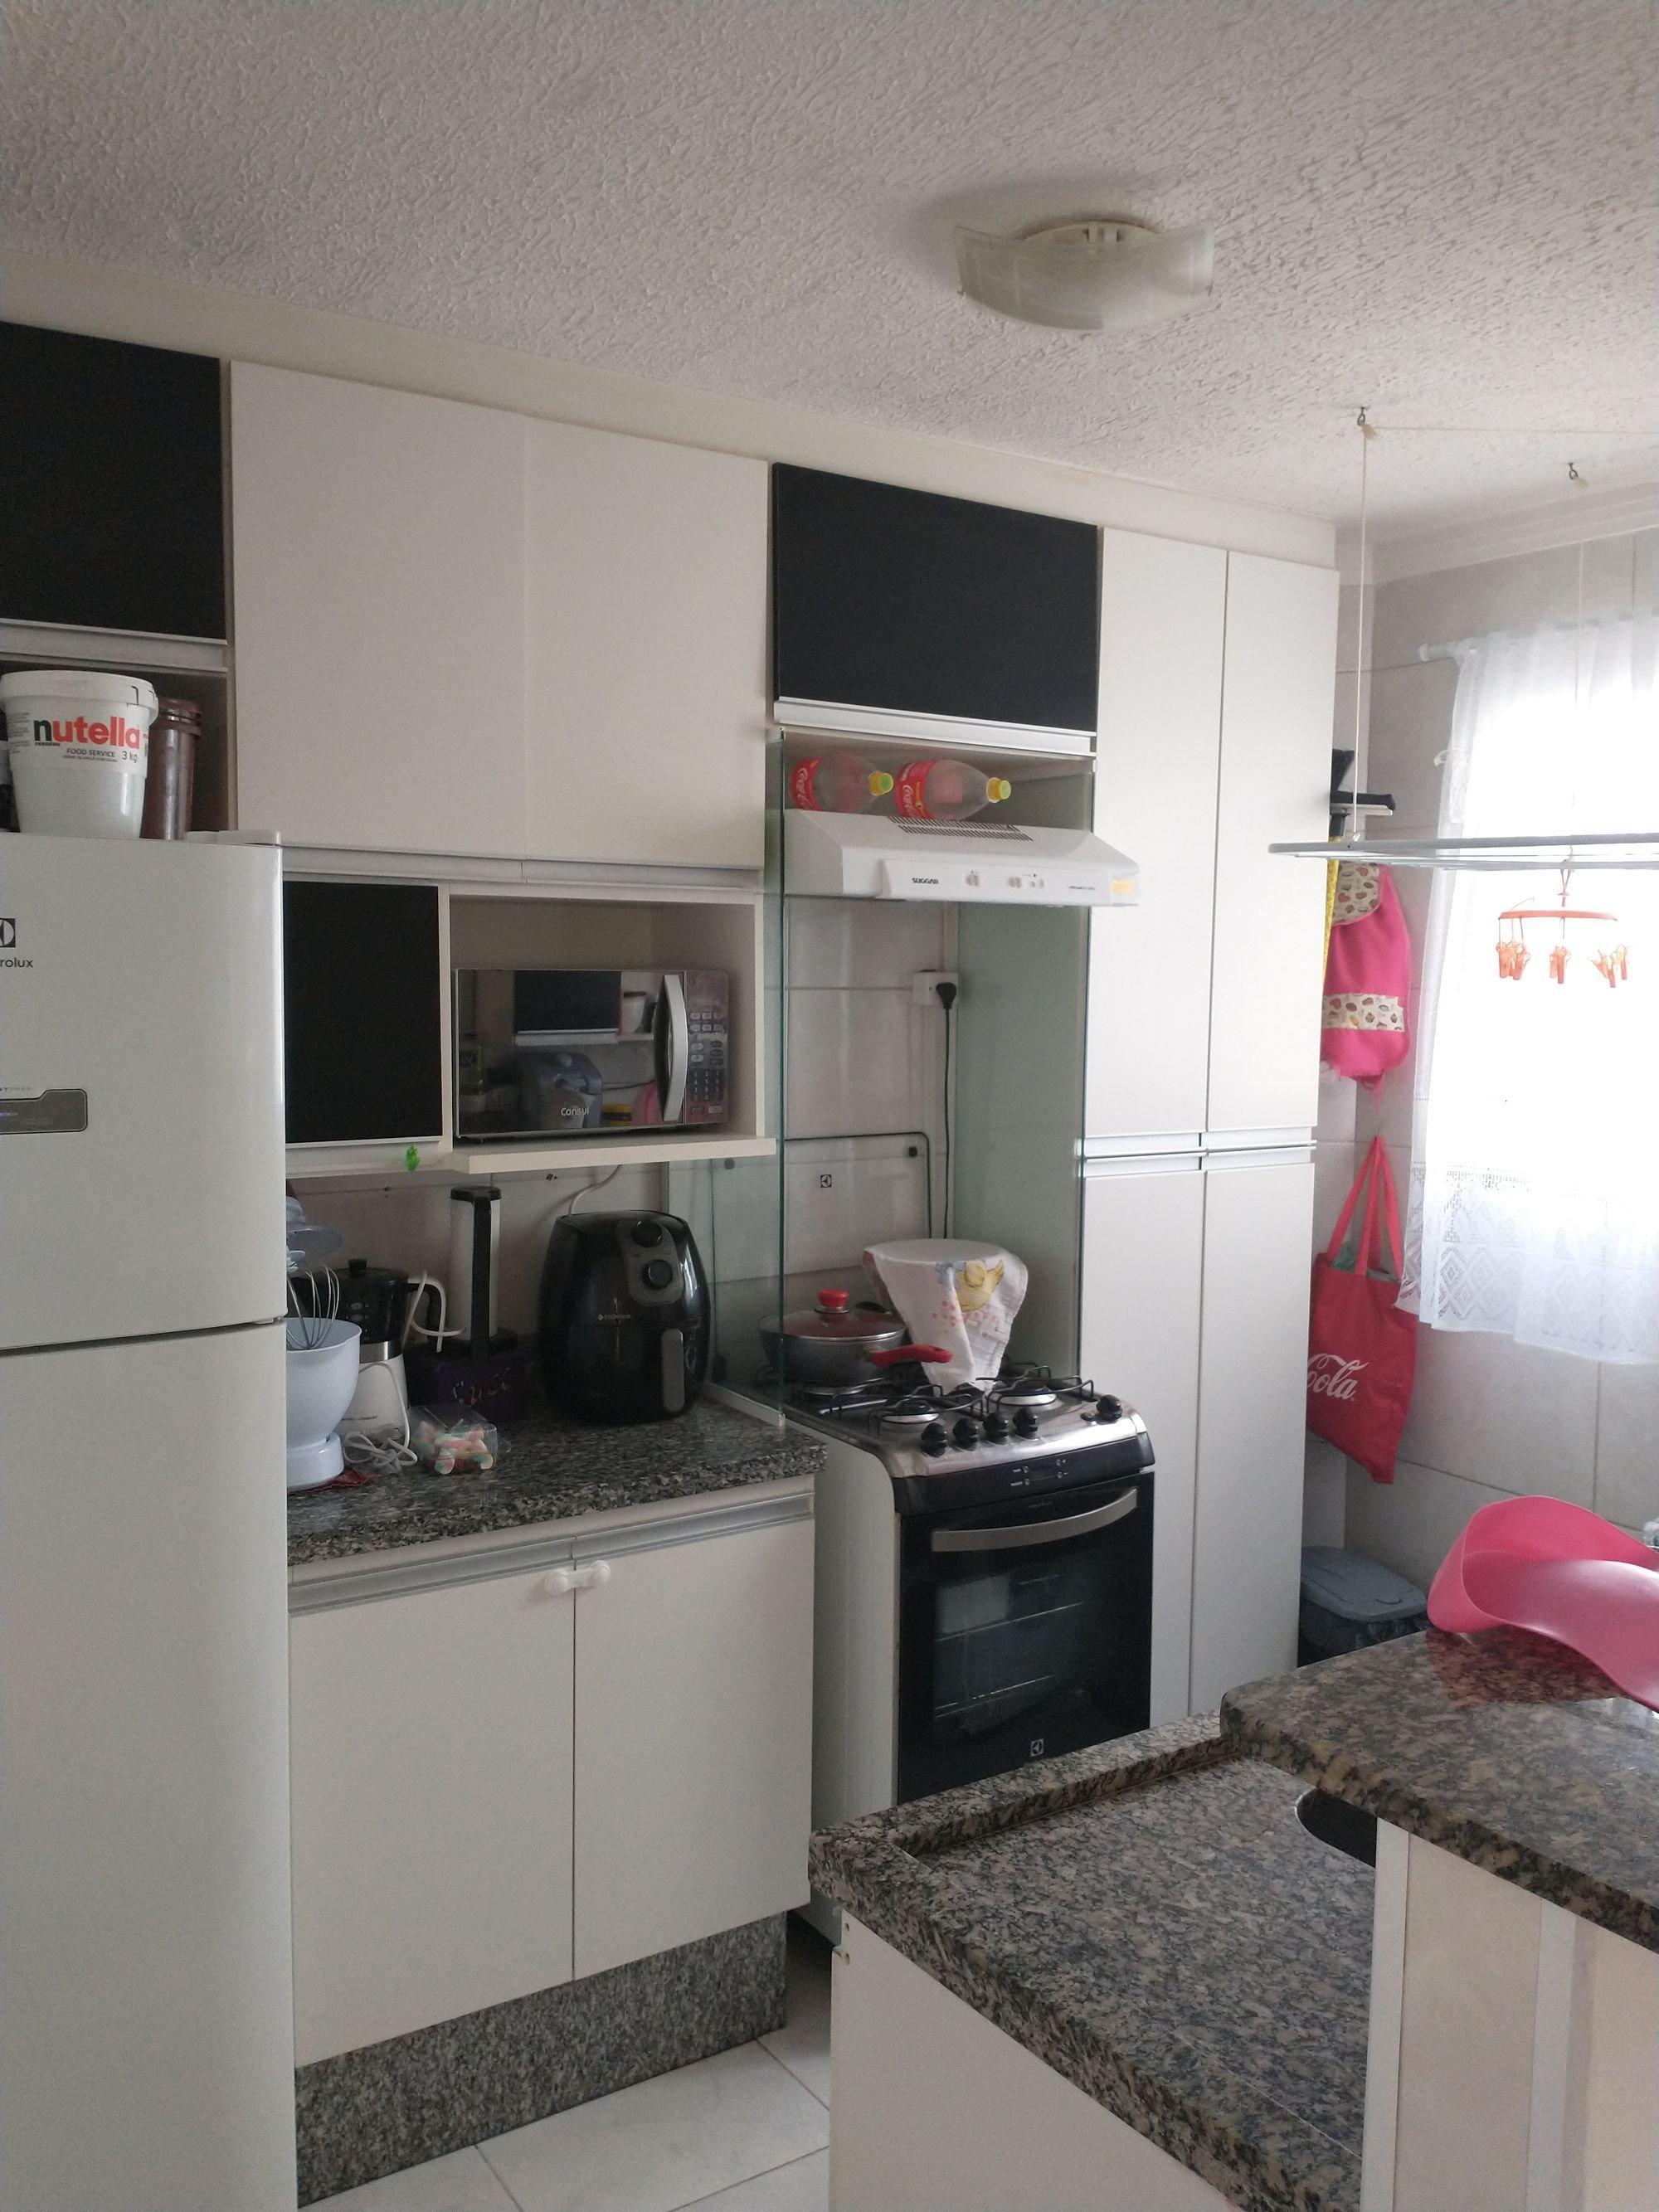 Foto de Cozinha com televisão, forno, tigela, geladeira, microondas